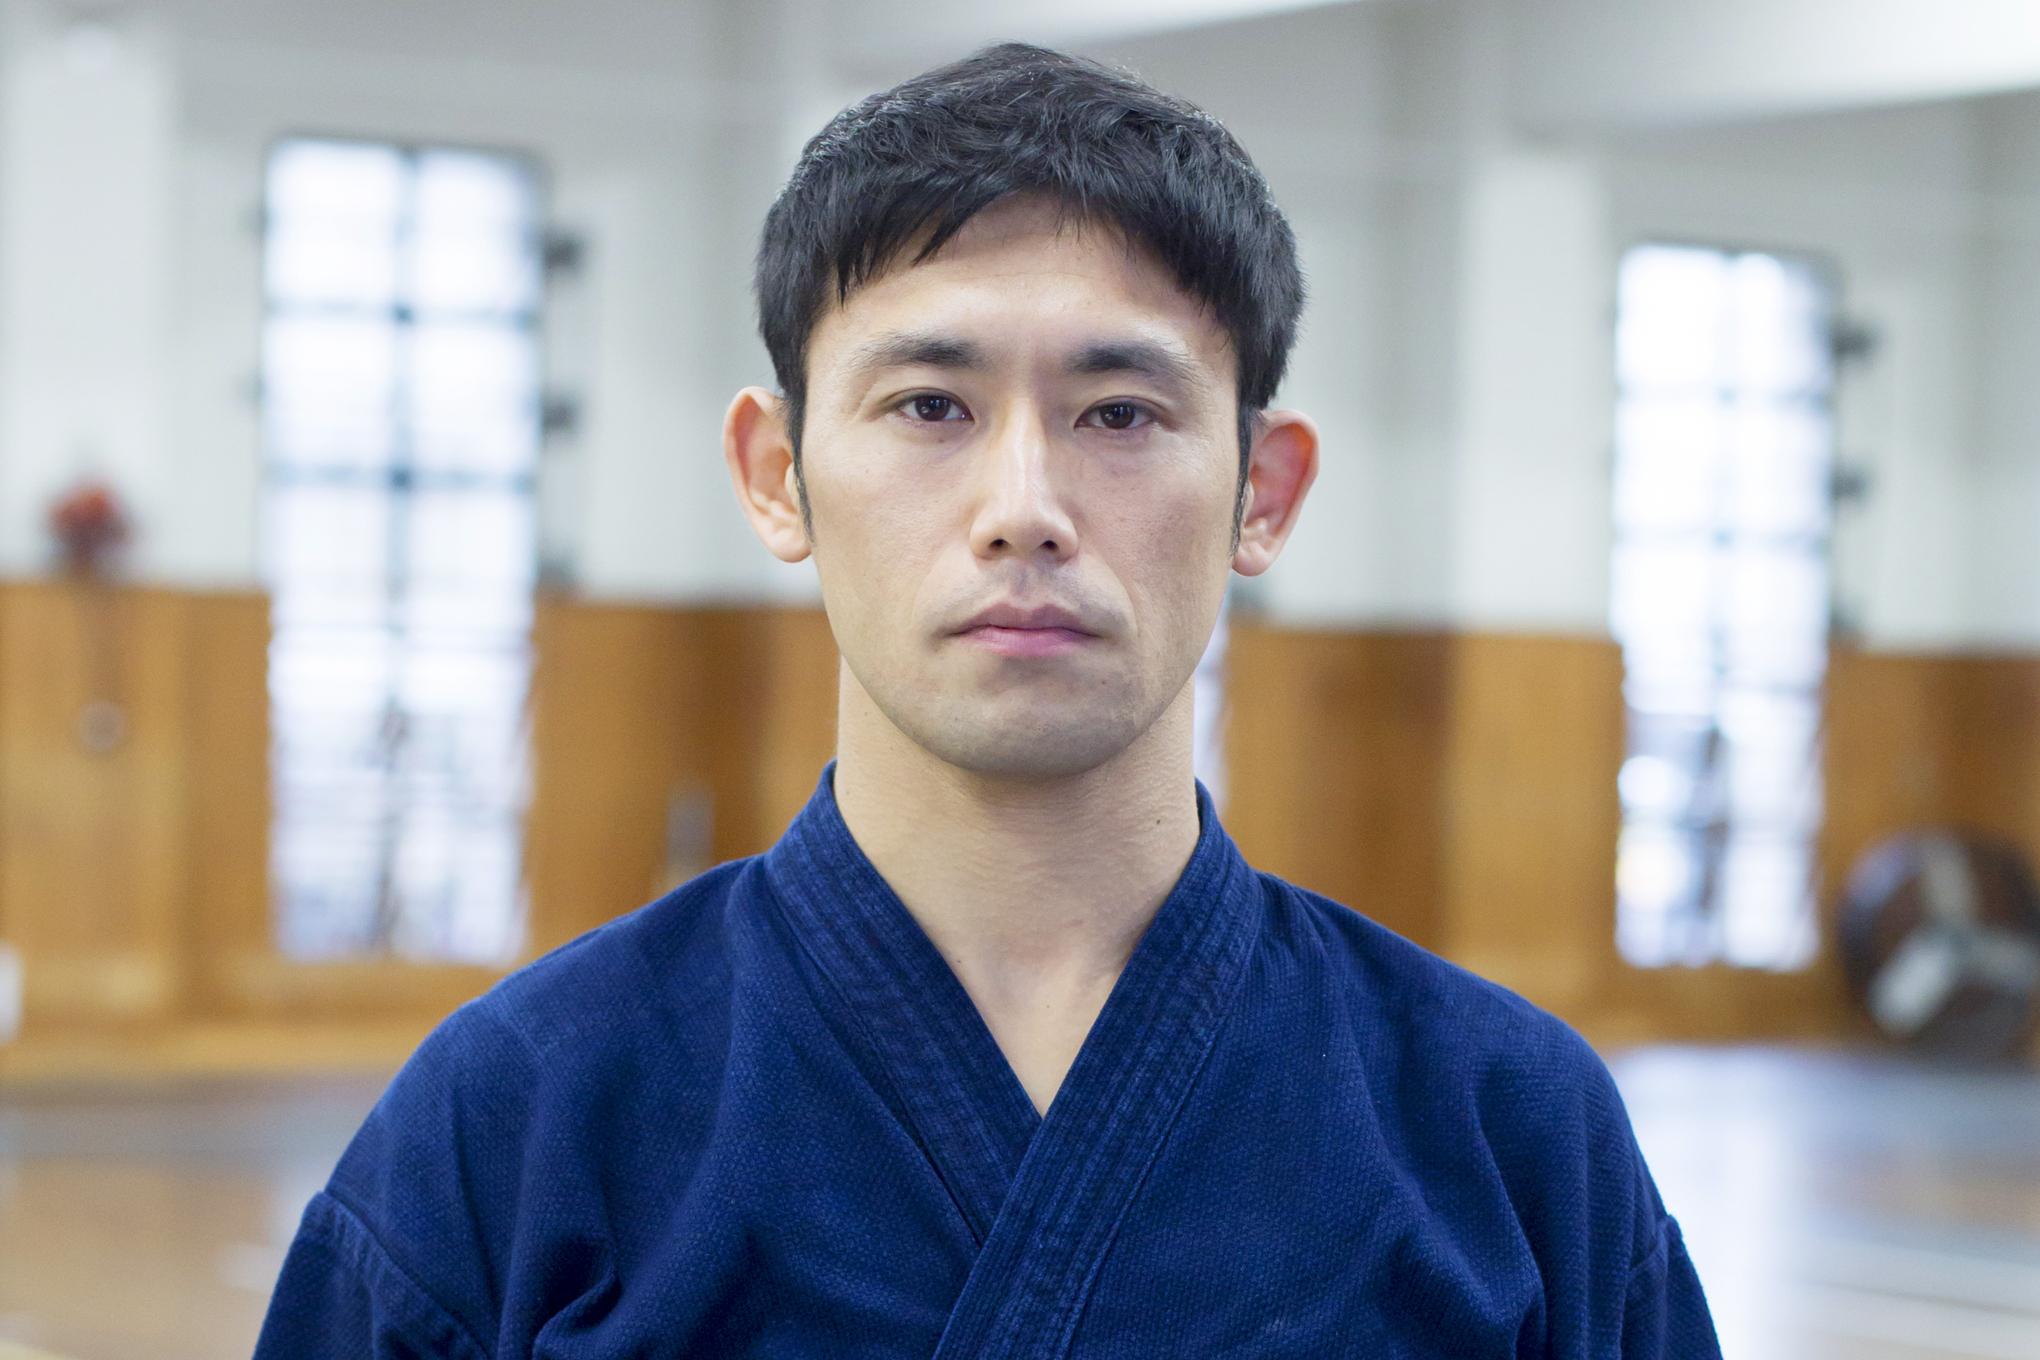 剣道×歴史。それは、自分自身のアイデンティティを辿る旅。